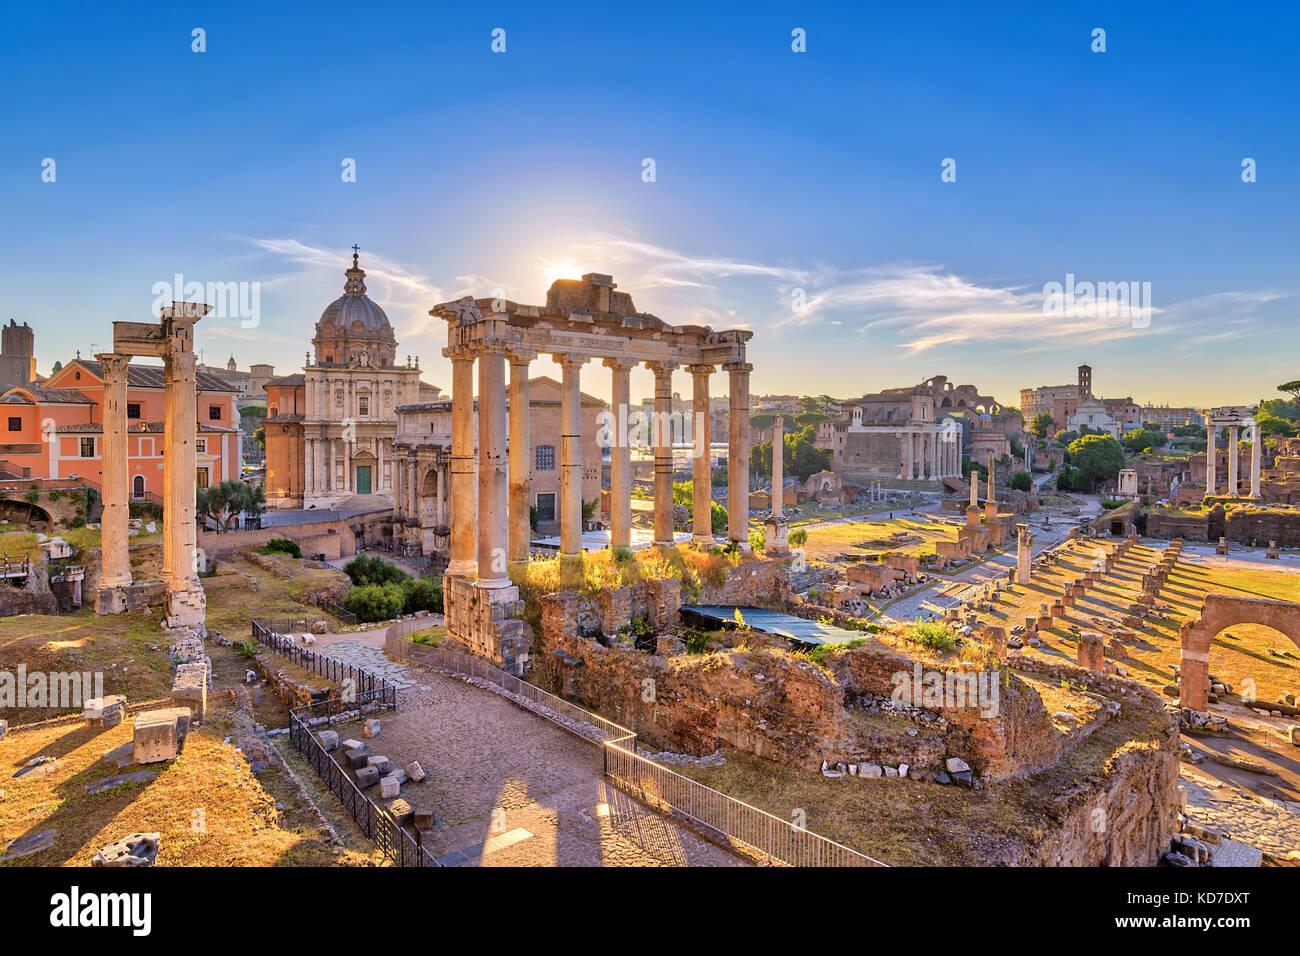 Amanecer en el horizonte de la ciudad de Roma Roma Forum (Foro romano), Roma, Italia Imagen De Stock